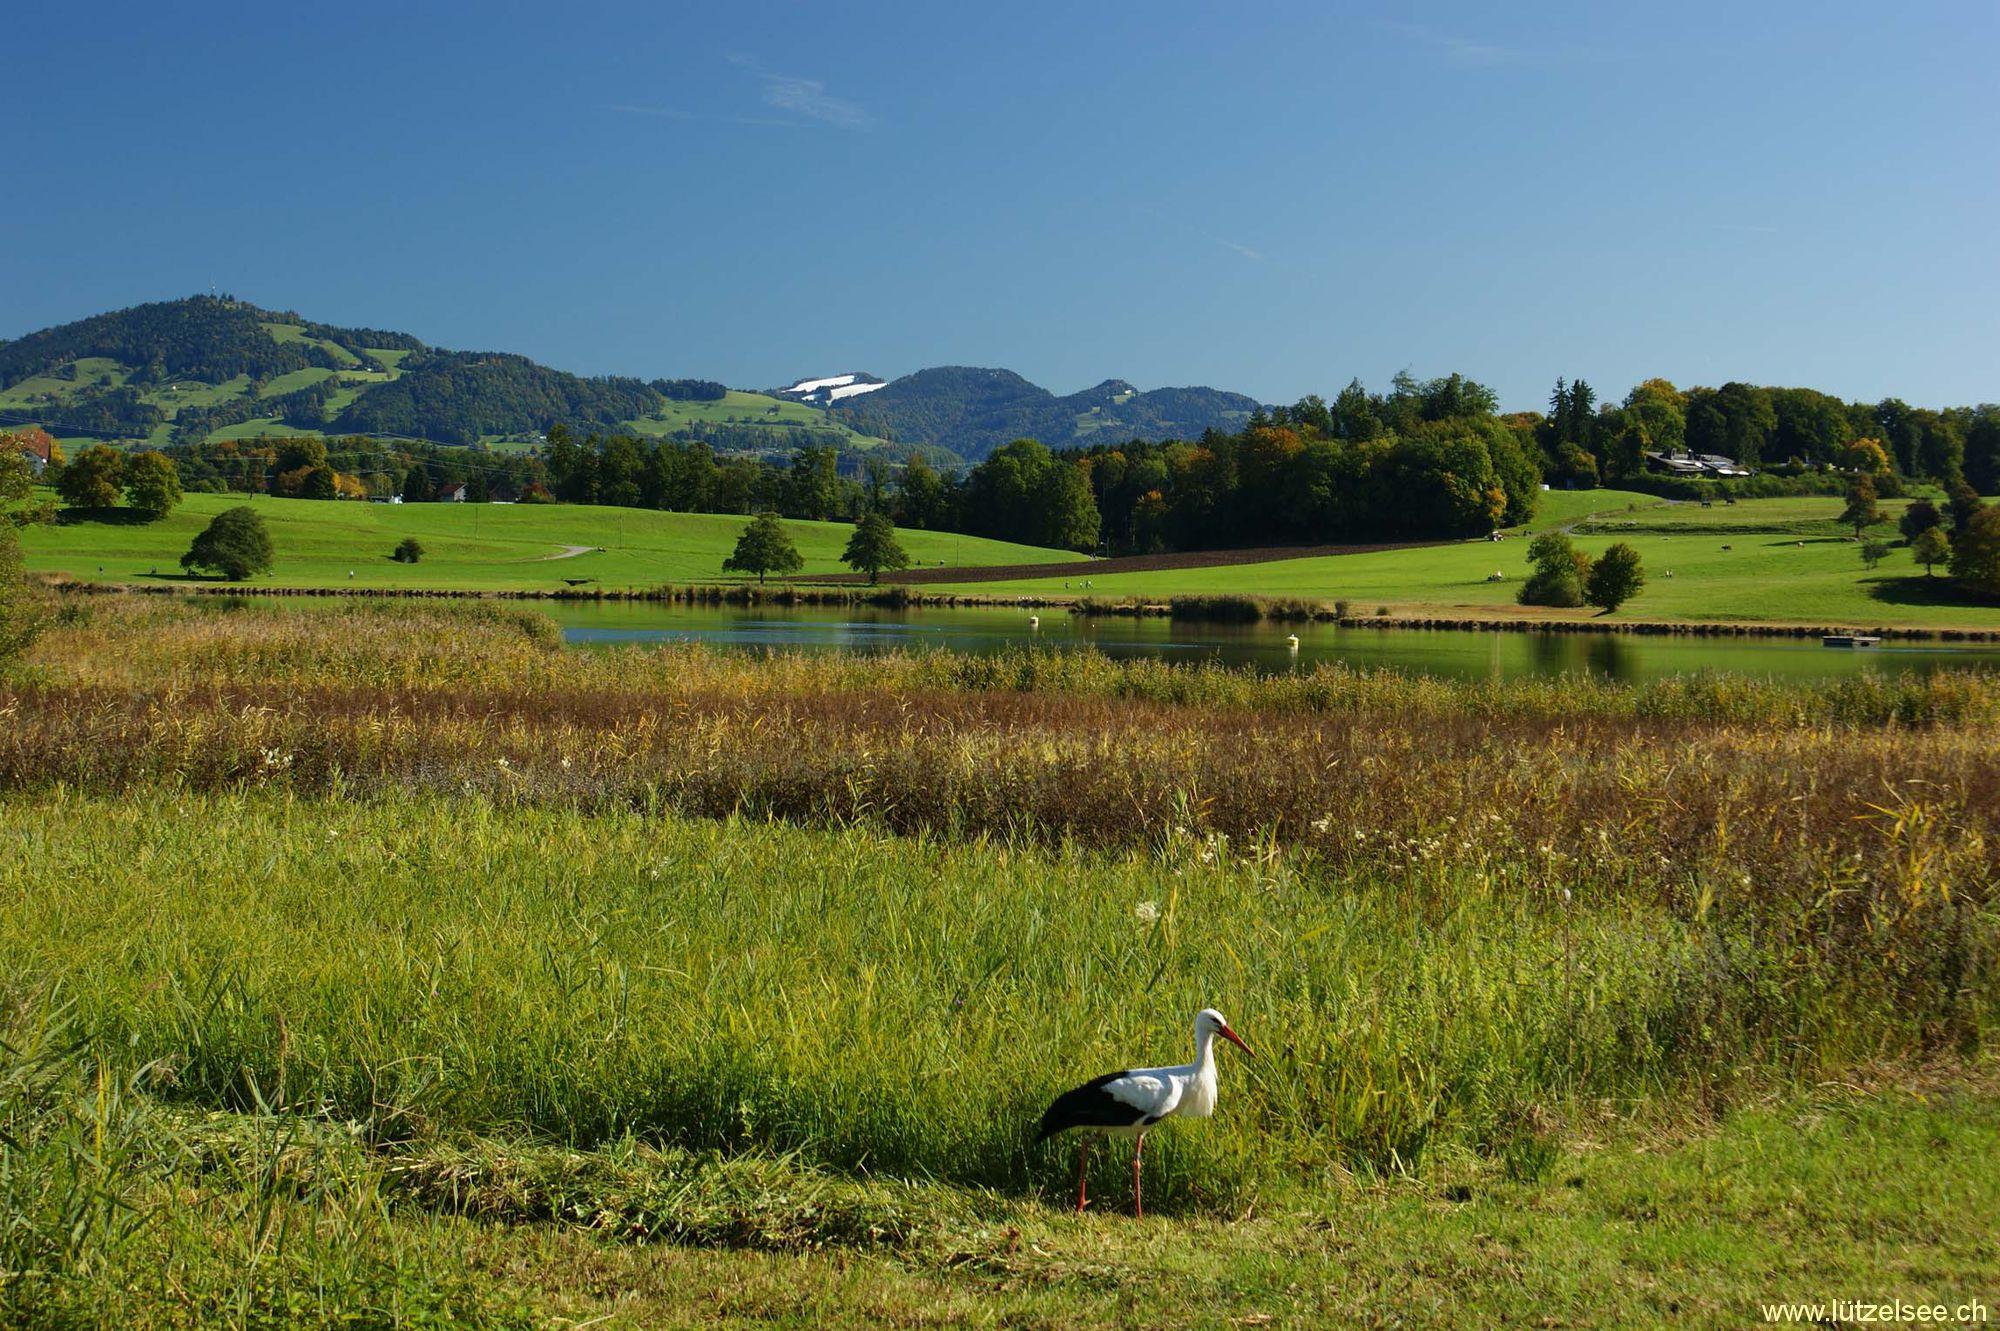 Einer der schönsten Seen im Zürcher Oberland.: http://www.luetzelsee.ch/